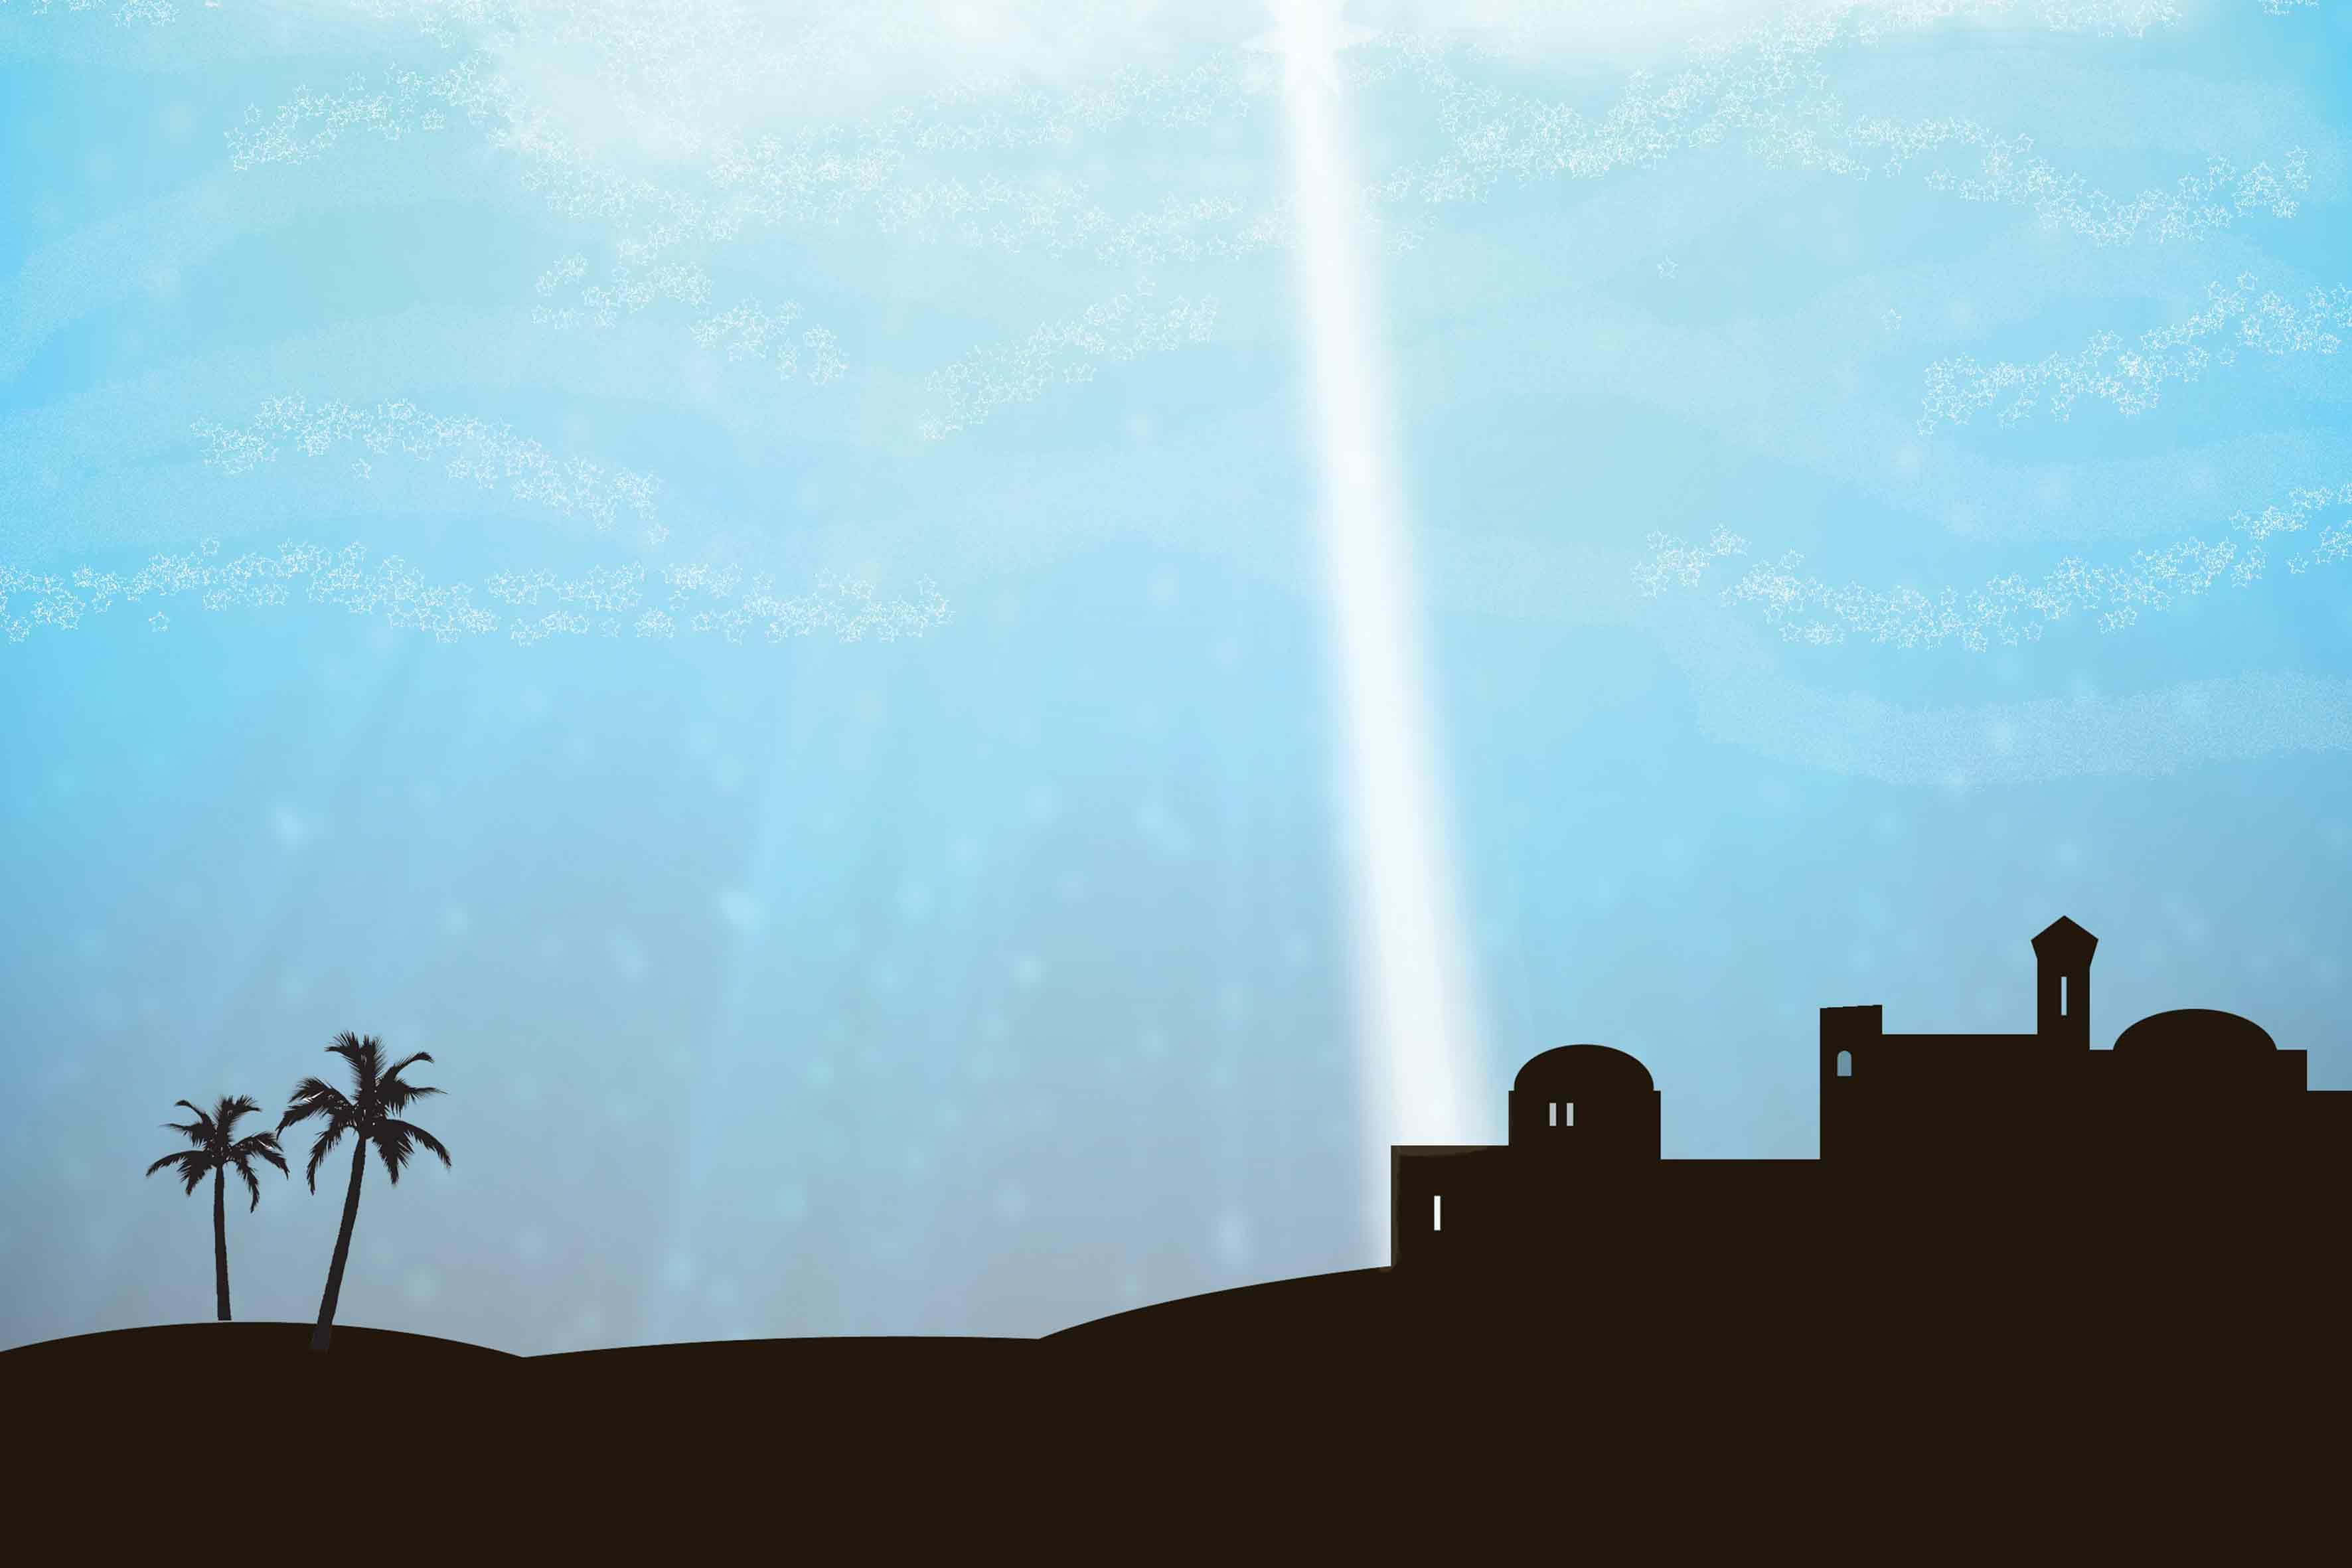 Boze Narodzenie - Tlo szopki - Baner religijny